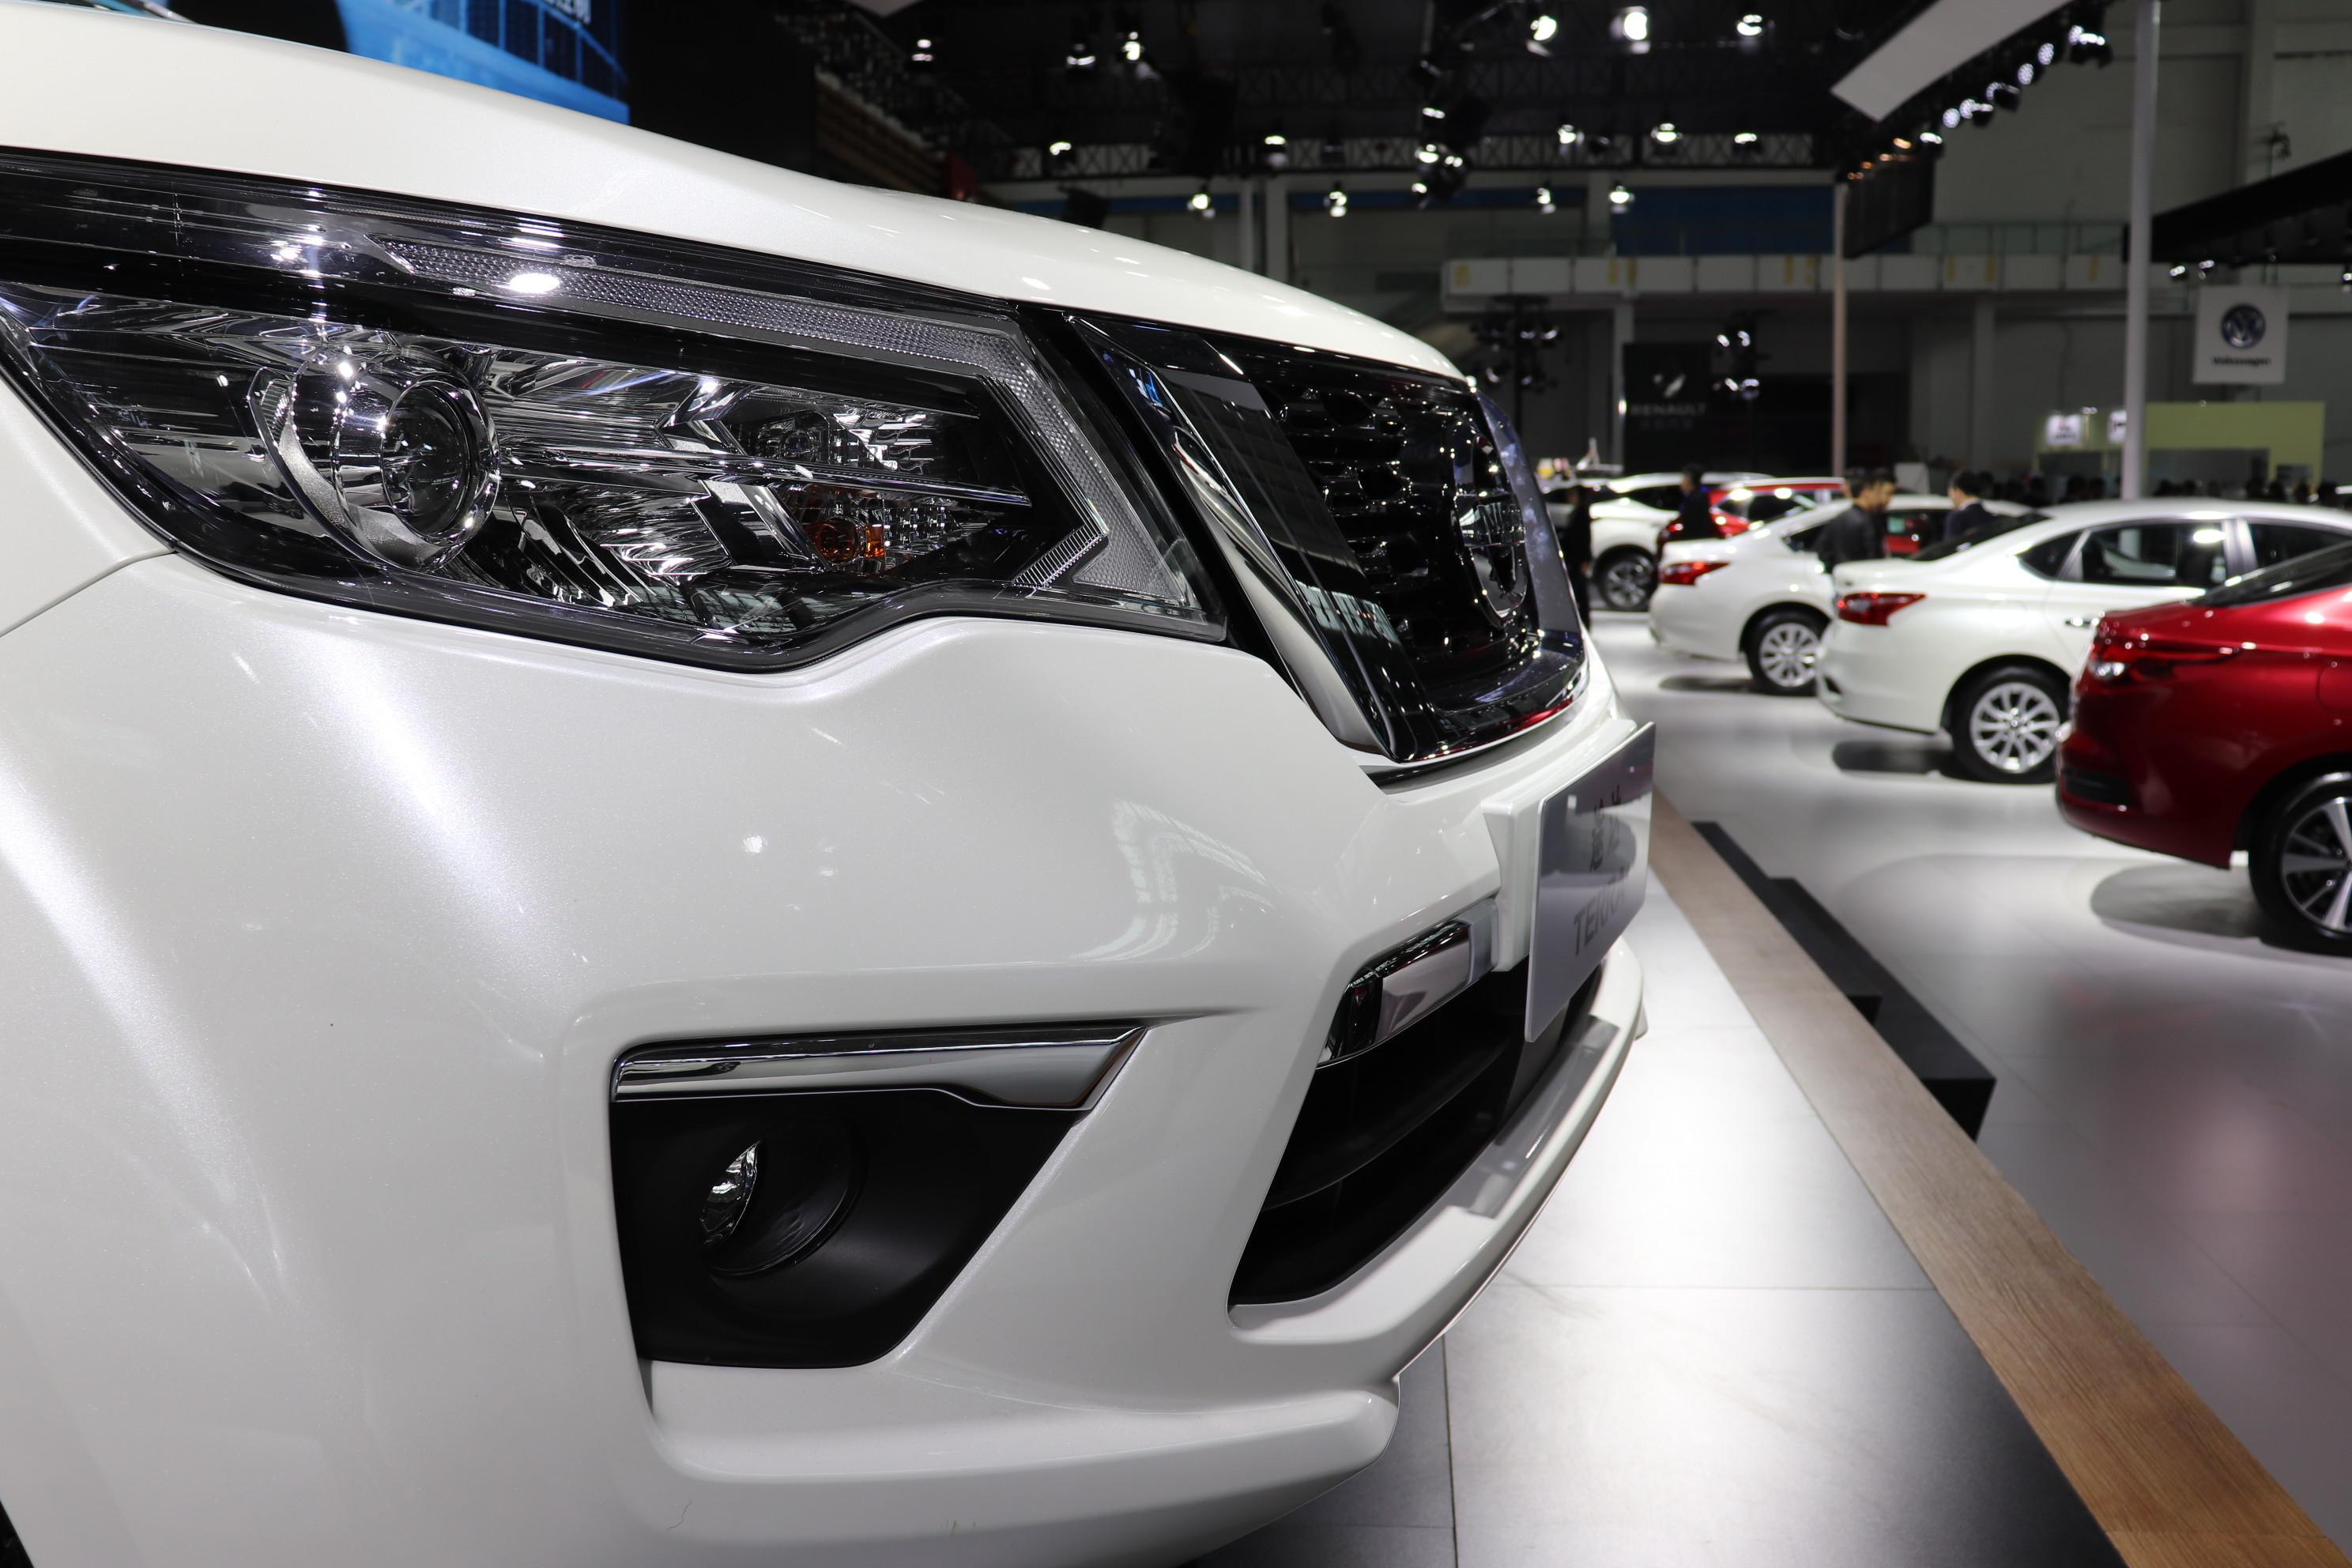 比丰田汉兰达更大气,比哈弗H9更萌,日产途达是否值得买?